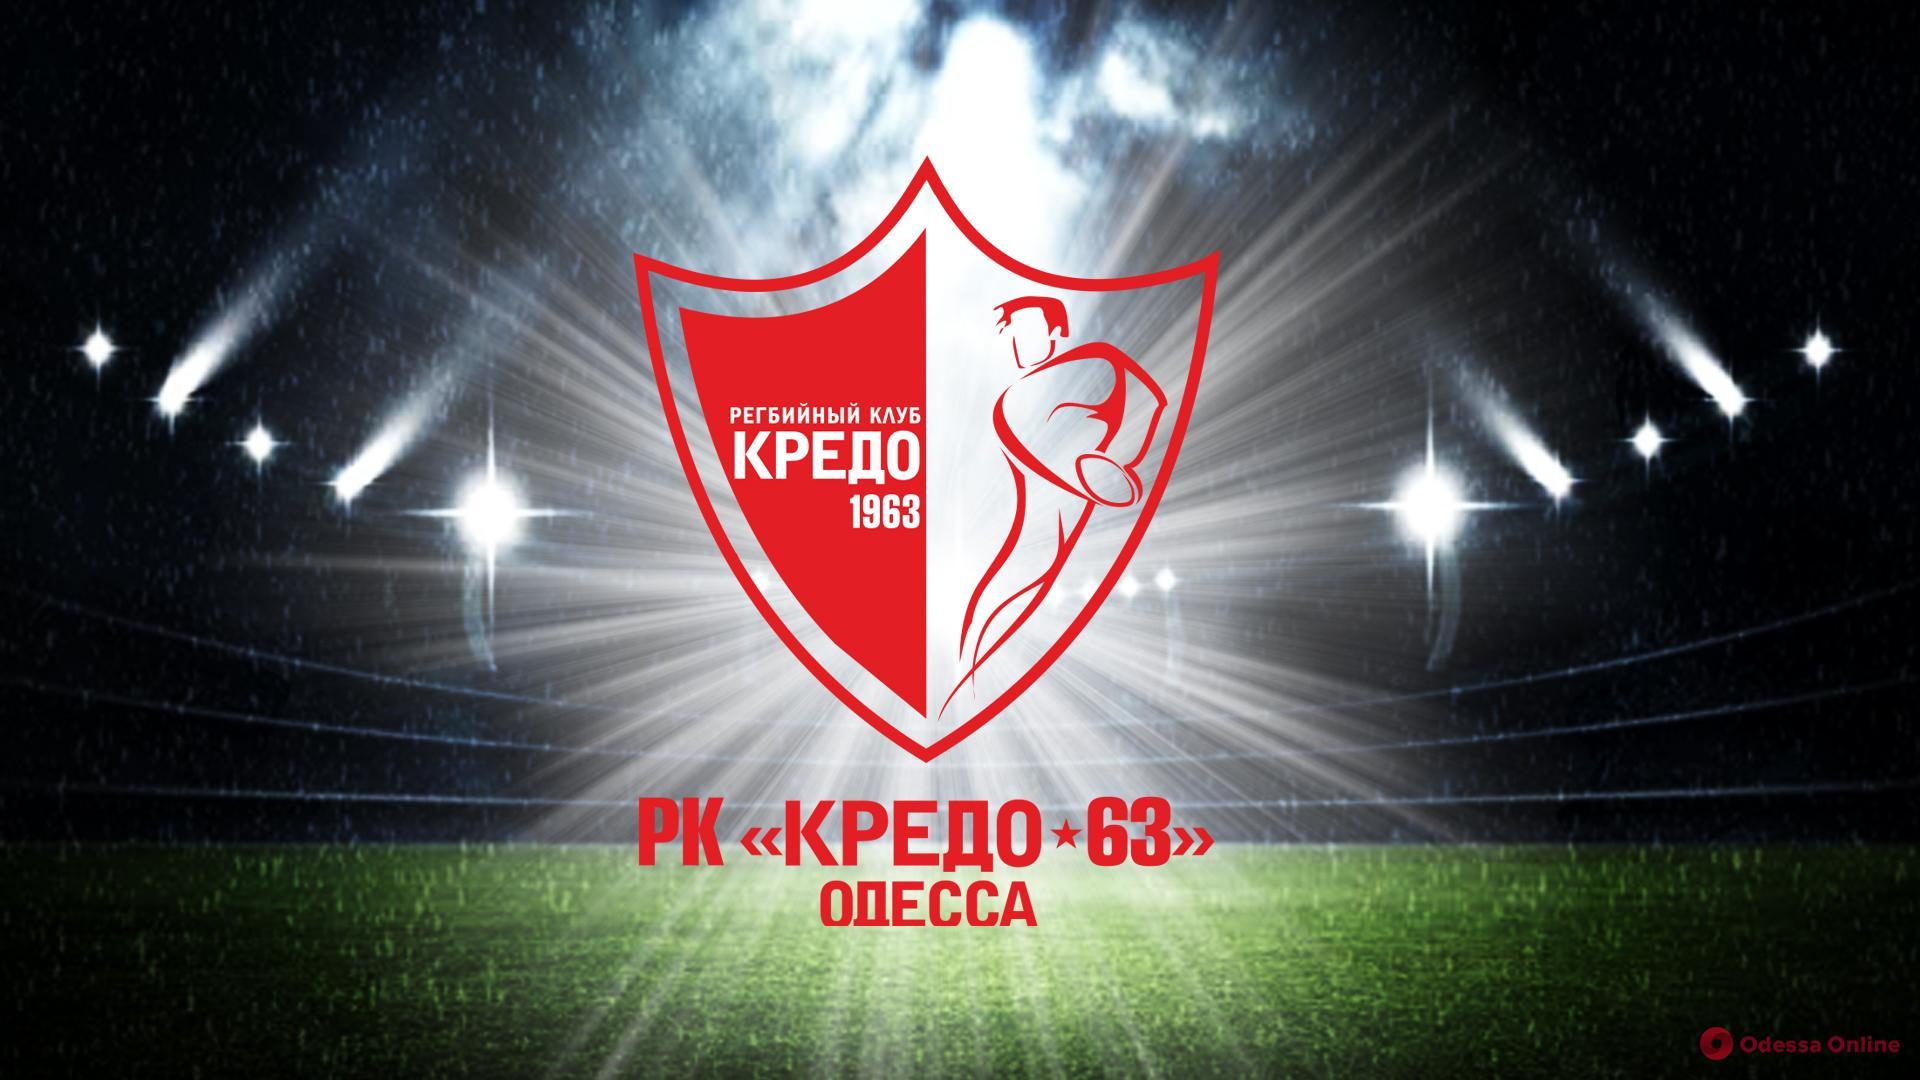 Регби: одесский «КРЕДО-63» начал сезон с разгромного поражения от чемпиона